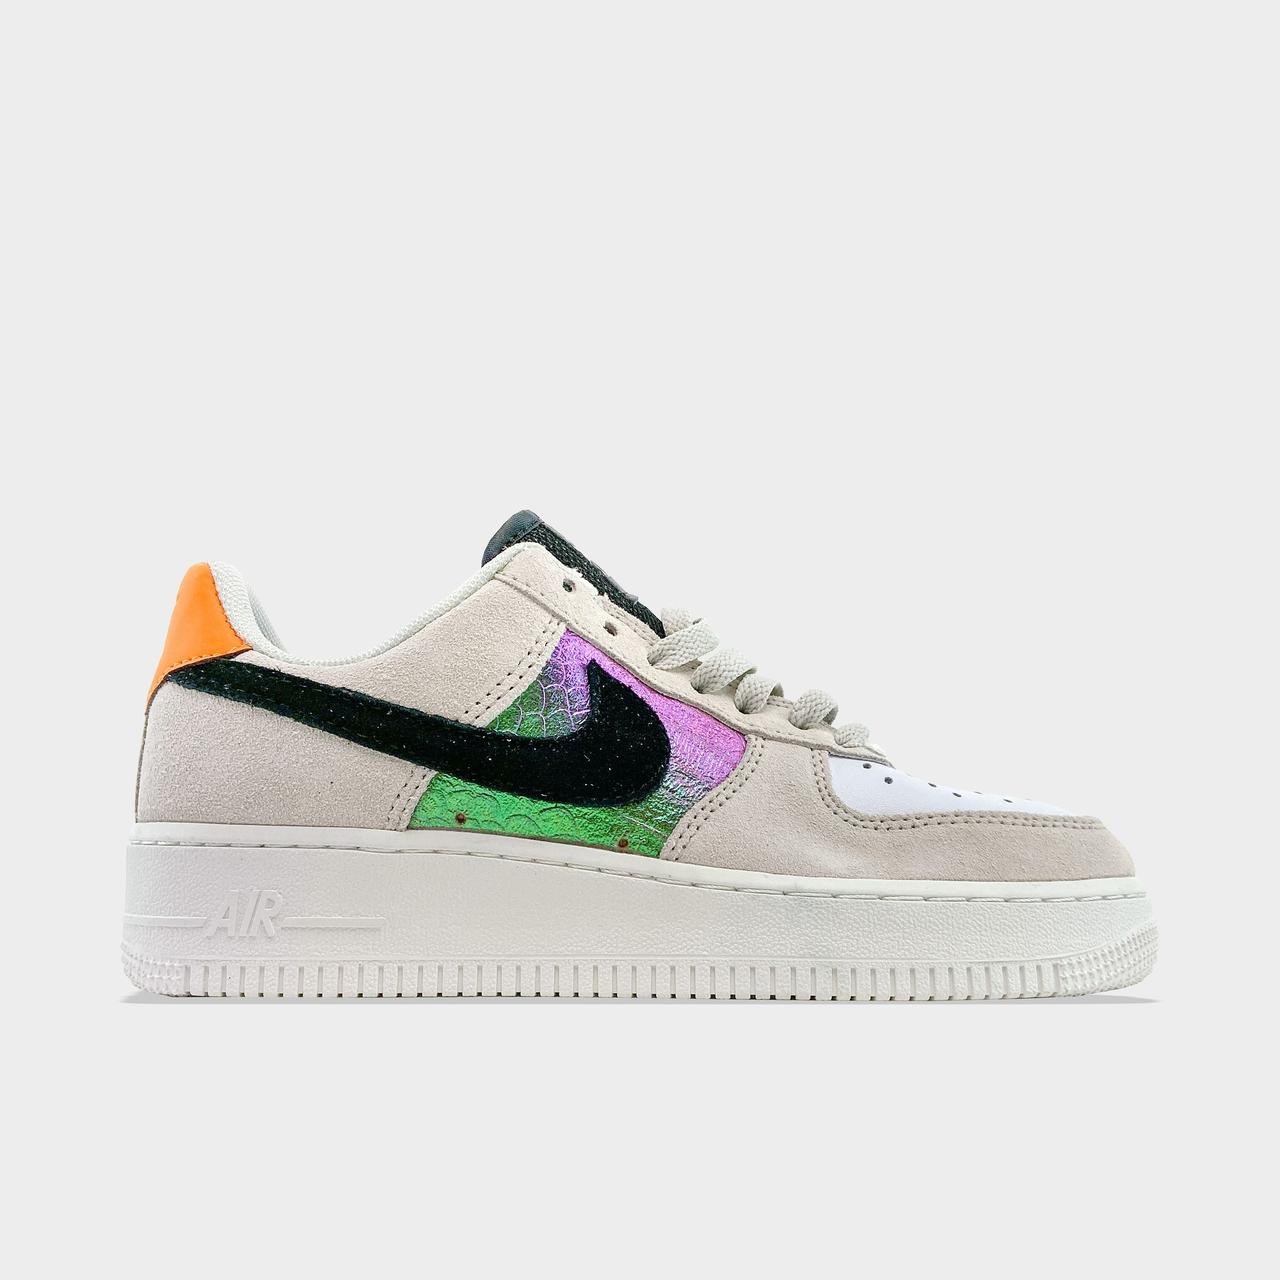 Nk, крос, обувь, взуття, sneakers, шузы, Air Force 1 Low Beige Suede (Бежевый)